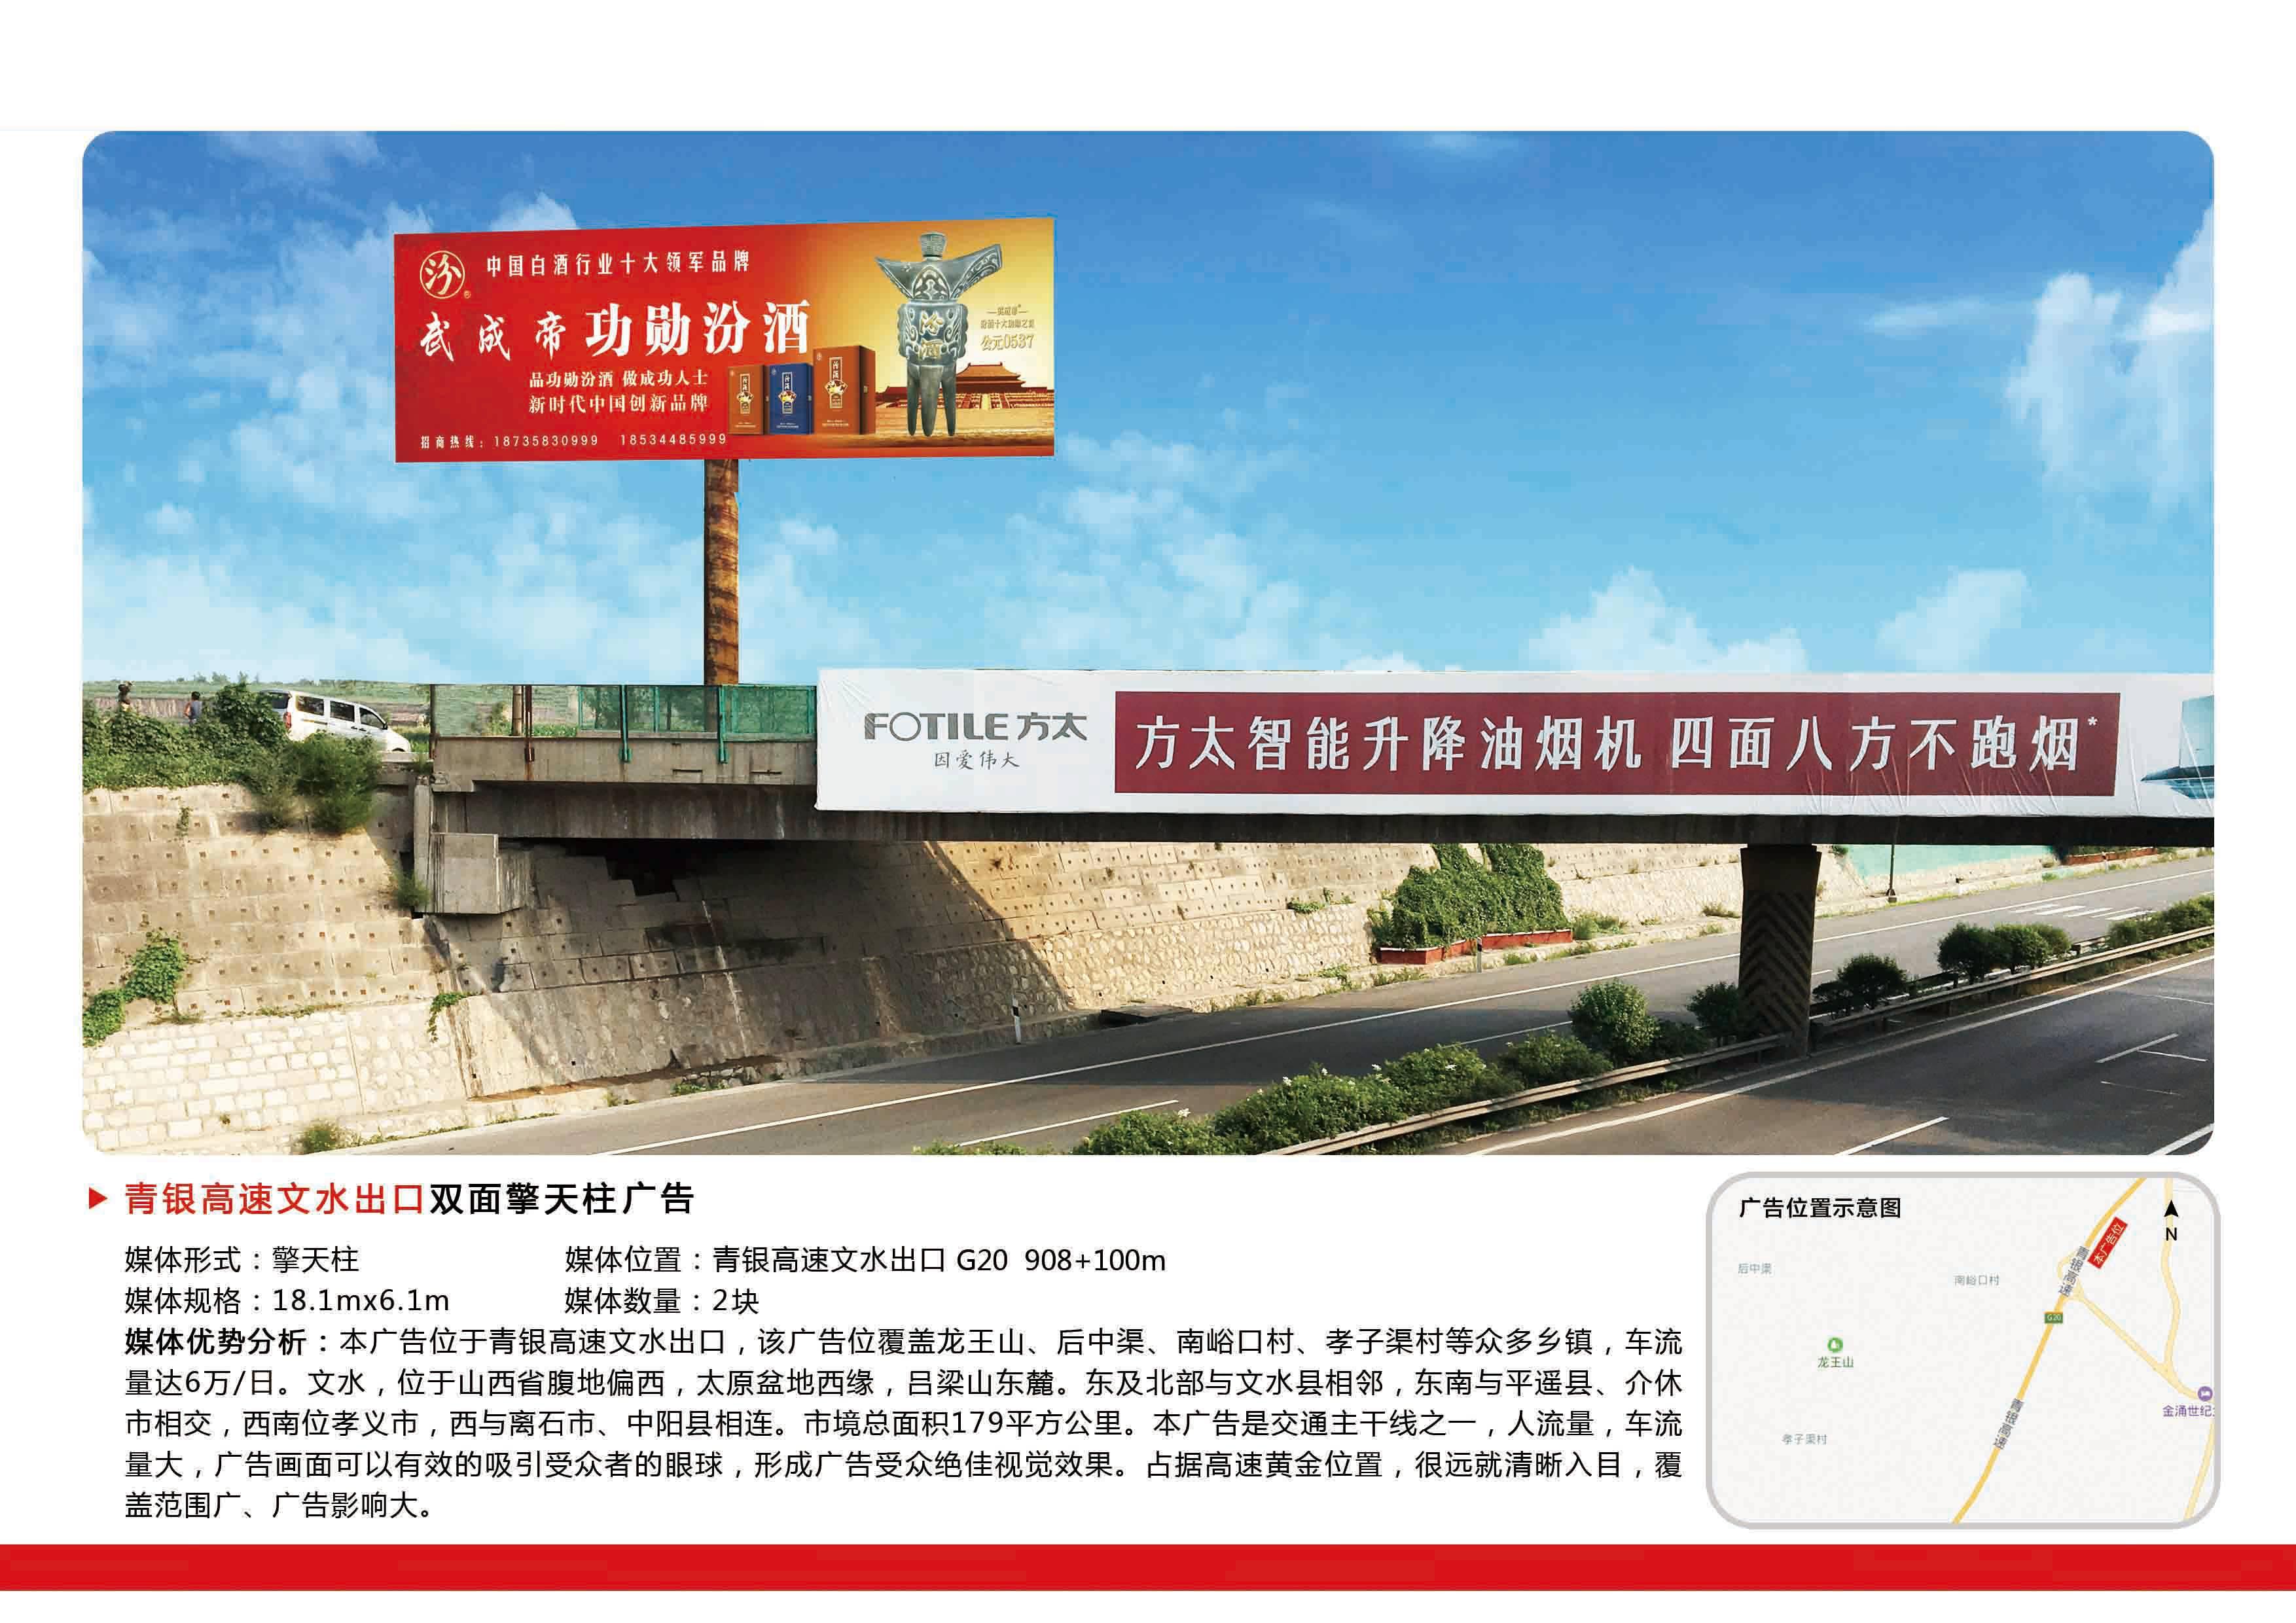 山西青银高速G20文水段高速公路牌广告位